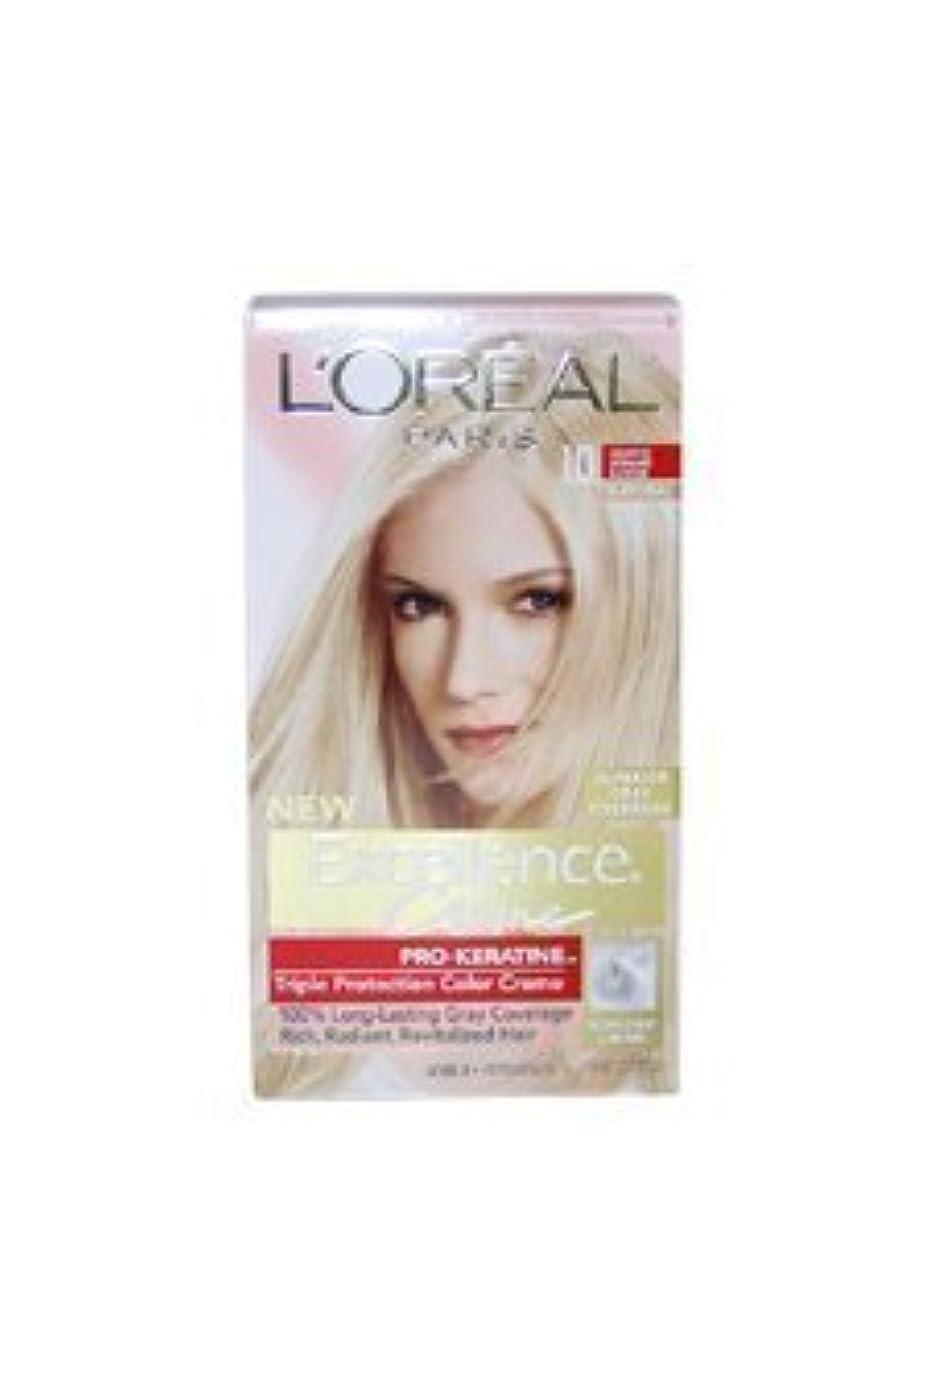 狂信者しばしば食堂Excellence Creme Pro - Keratine 10 Light Ultimate Blonde - Natural by L'Oreal - 1 Application Hair Color by L'Oreal...